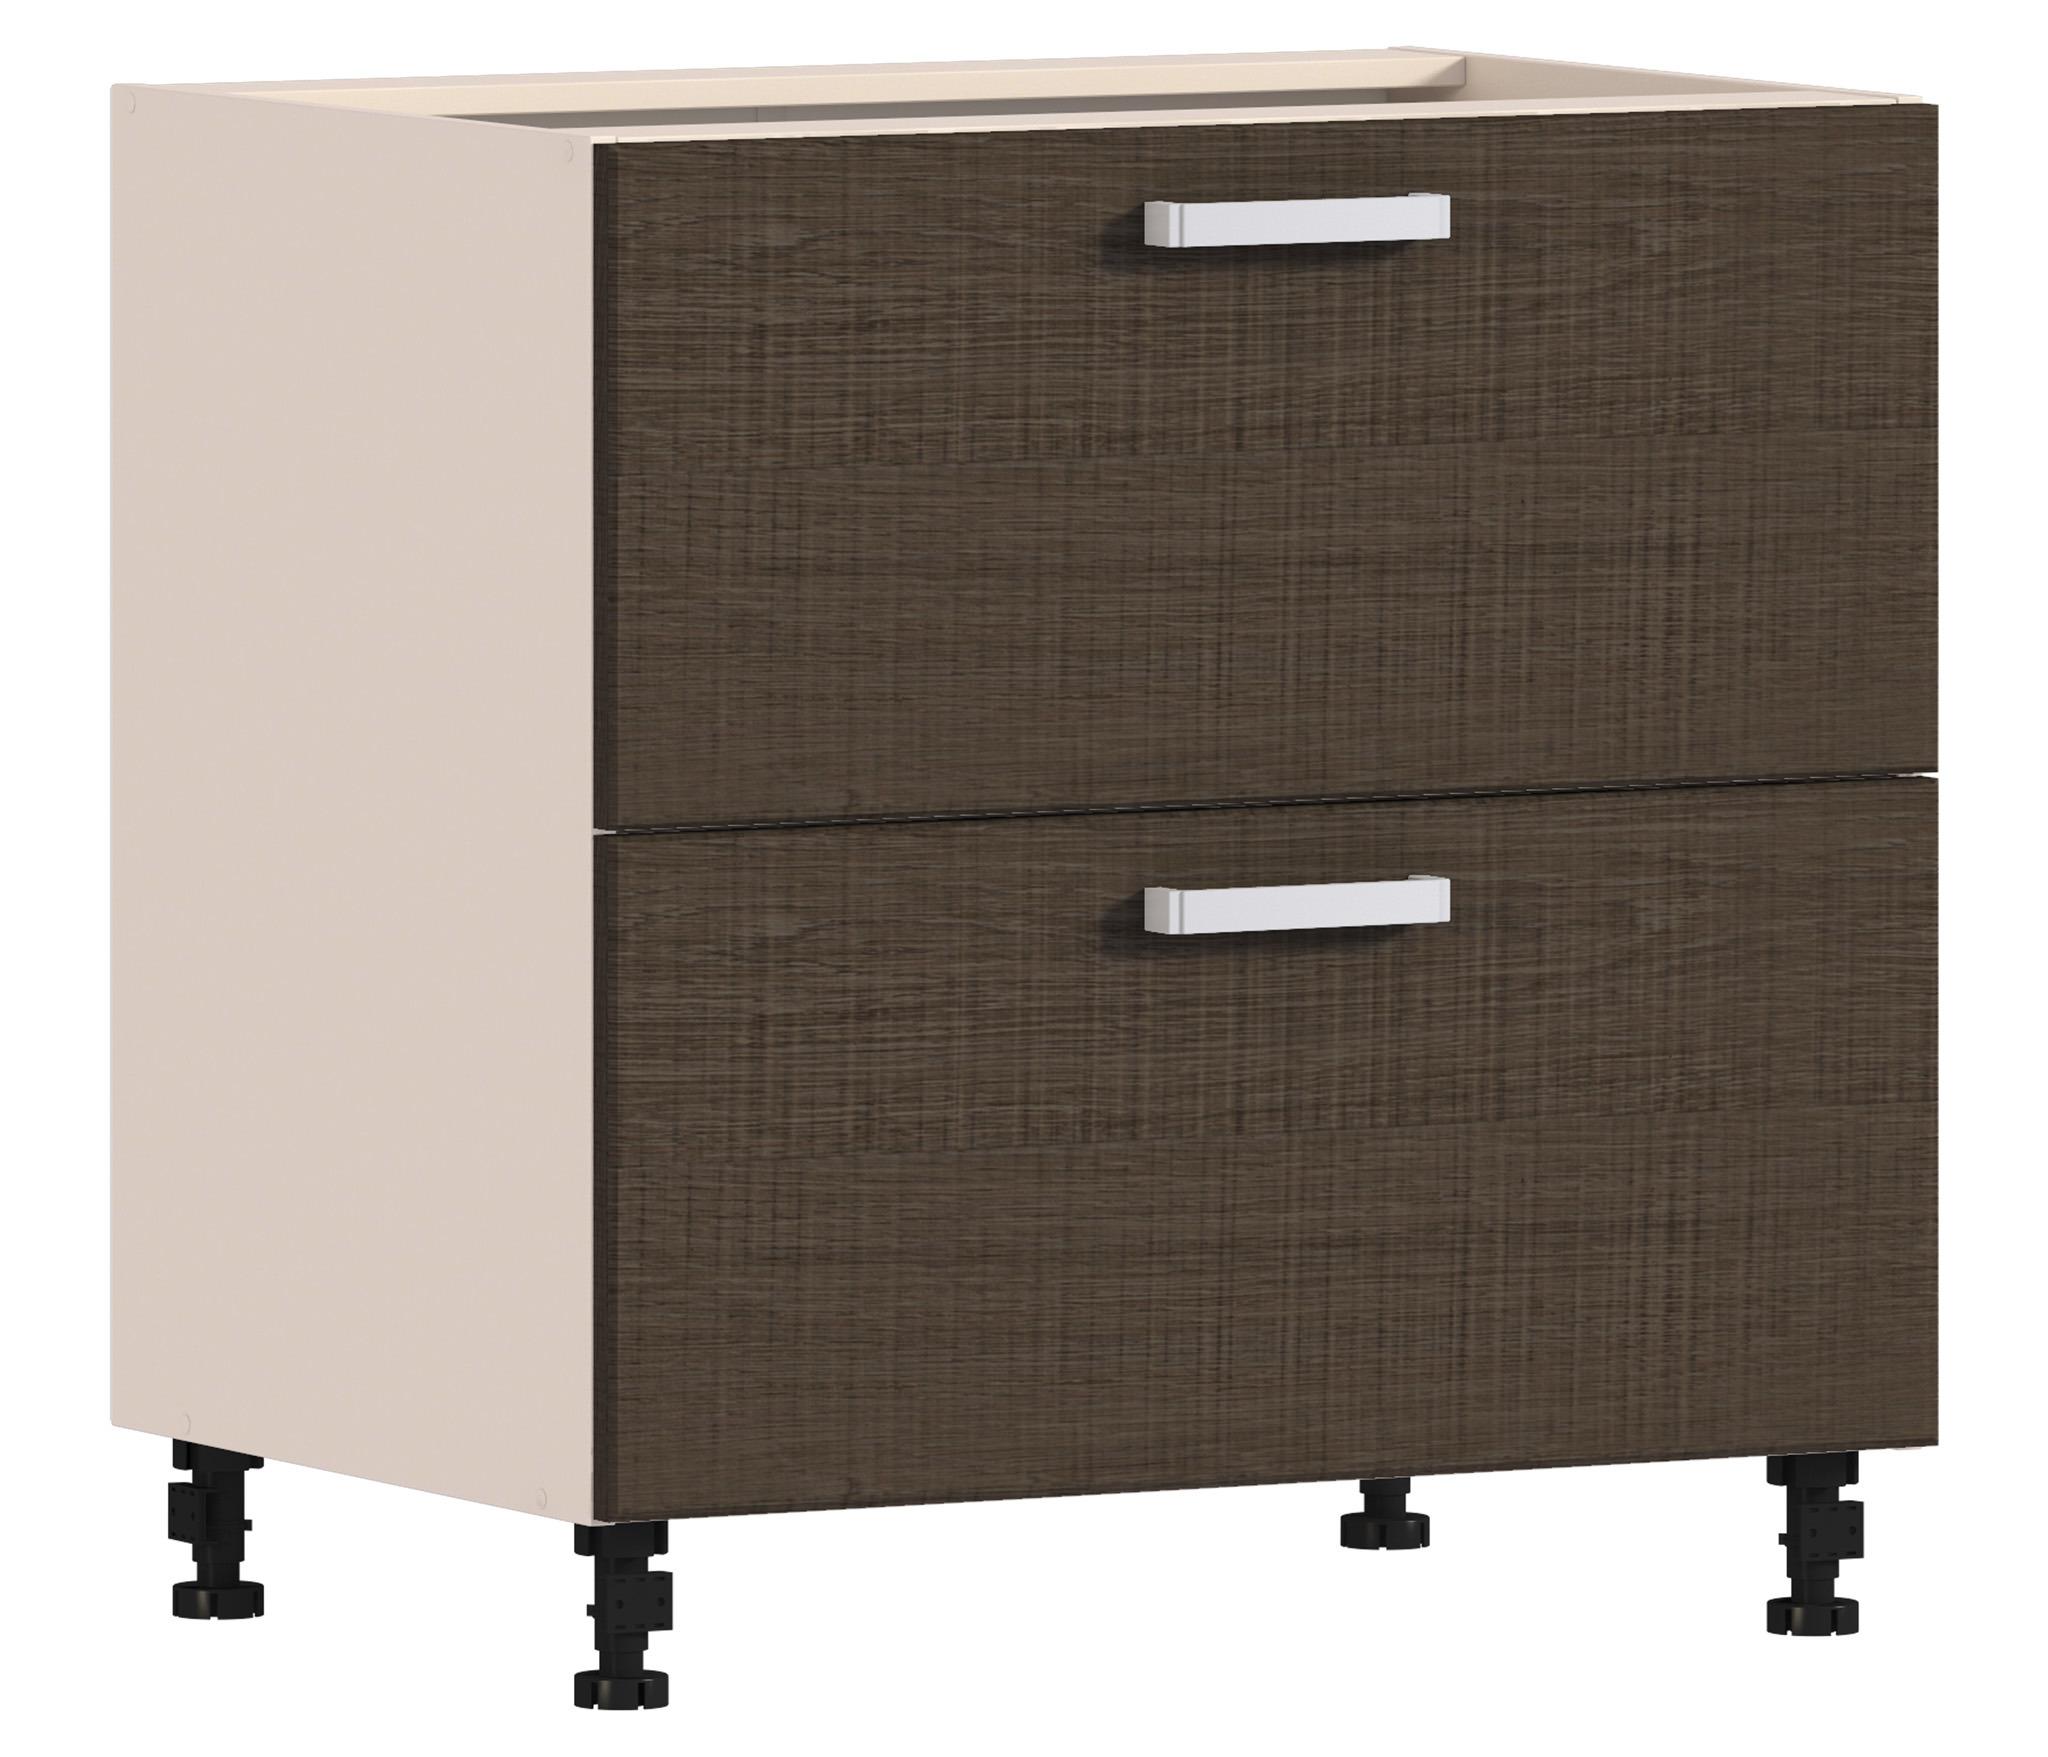 Регина РСЯ-80 столГарнитуры<br>Удобный стол с выдвижными ящиками. Дополнительно рекомендуется приобрести столешницу.<br><br>Длина мм: 800<br>Высота мм: 820<br>Глубина мм: 563